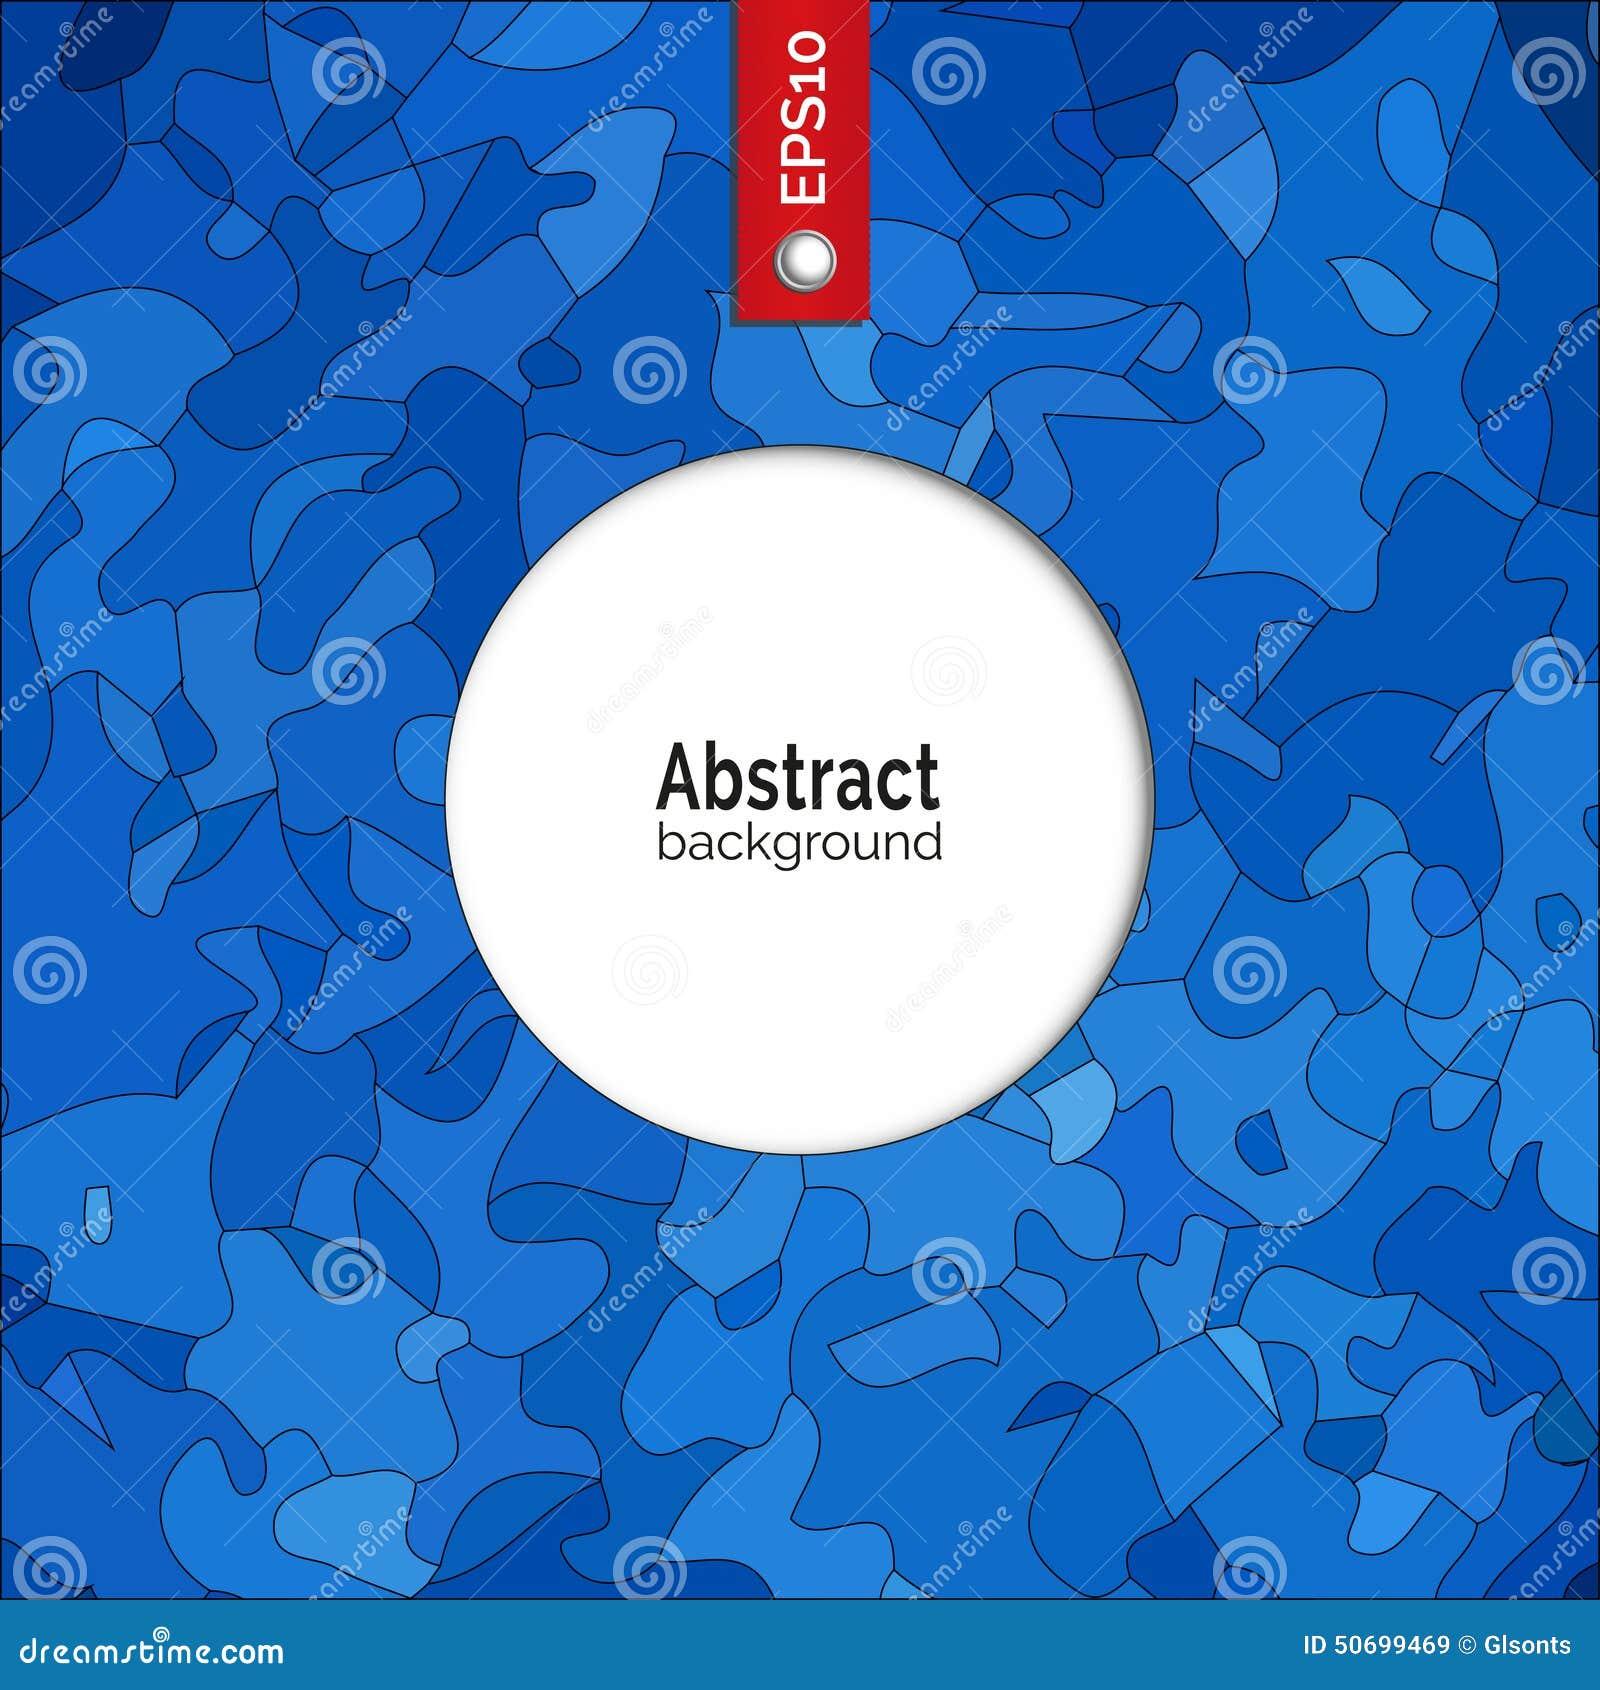 Vektorabstrakter Hintergrund Schablone für Unternehmensidentitä5, Werbung, Plakat, Ereignis in der blauen Farbe